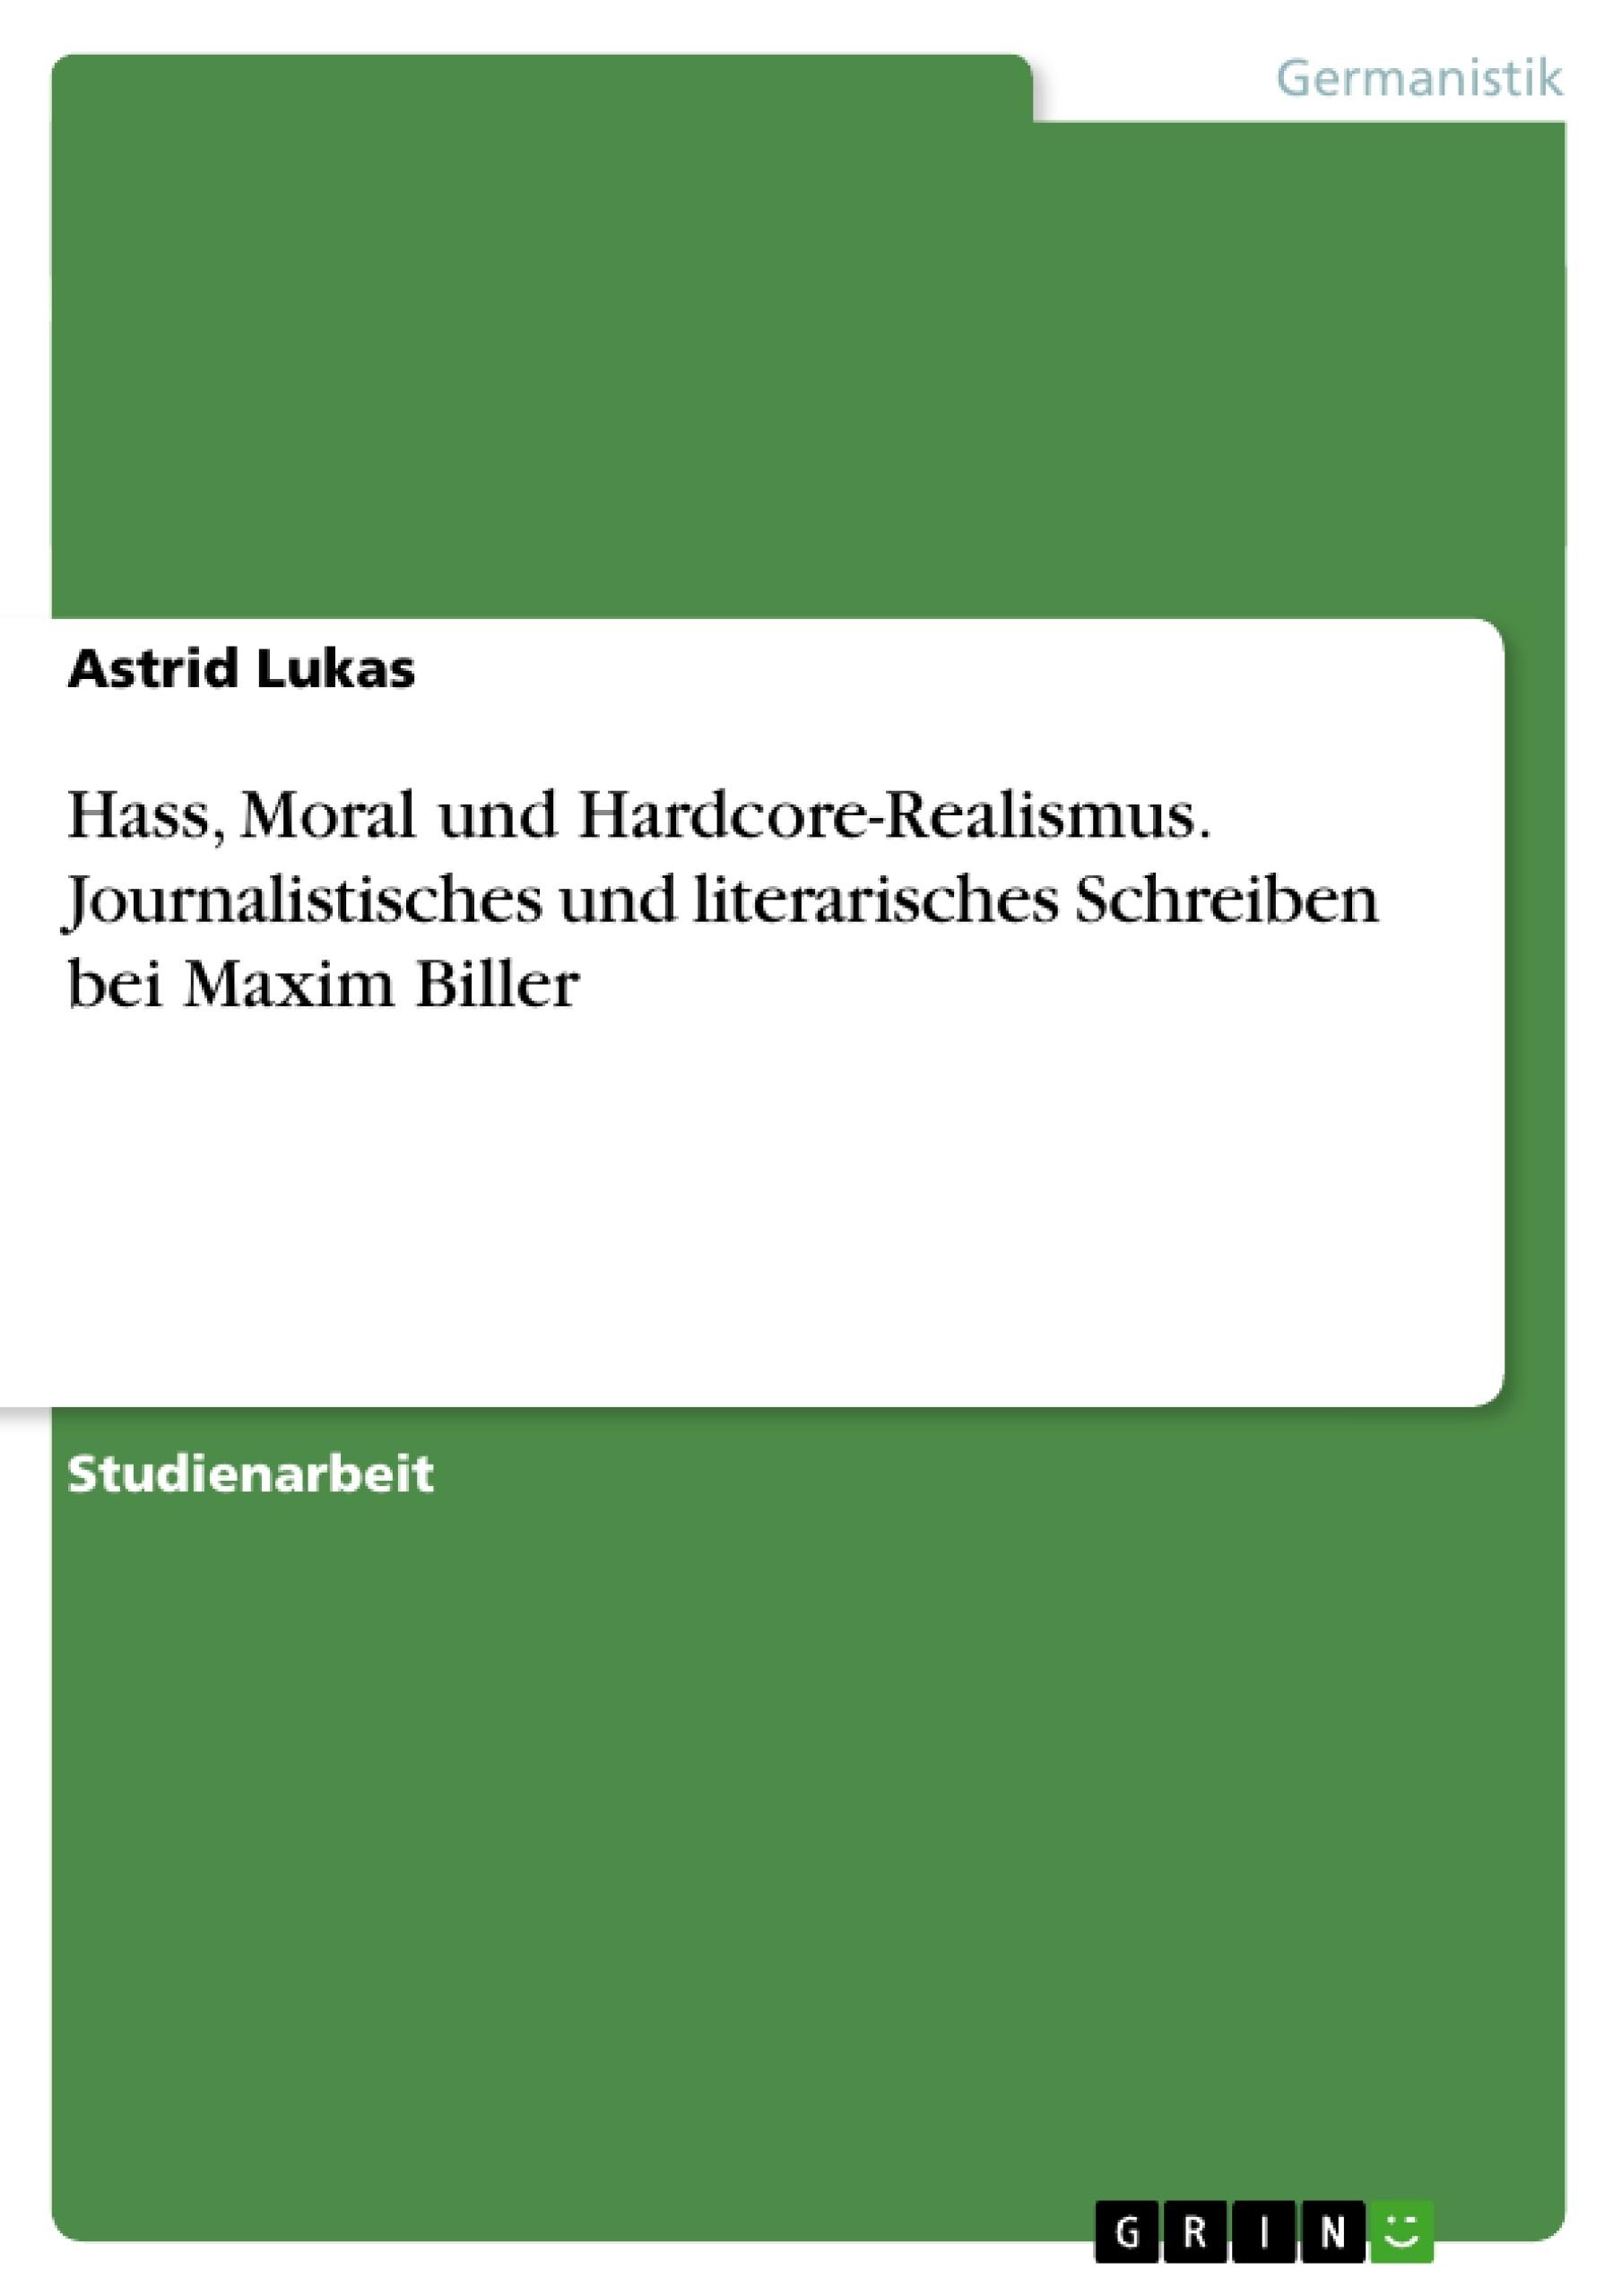 Titel: Hass, Moral und Hardcore-Realismus. Journalistisches und literarisches Schreiben bei Maxim Biller